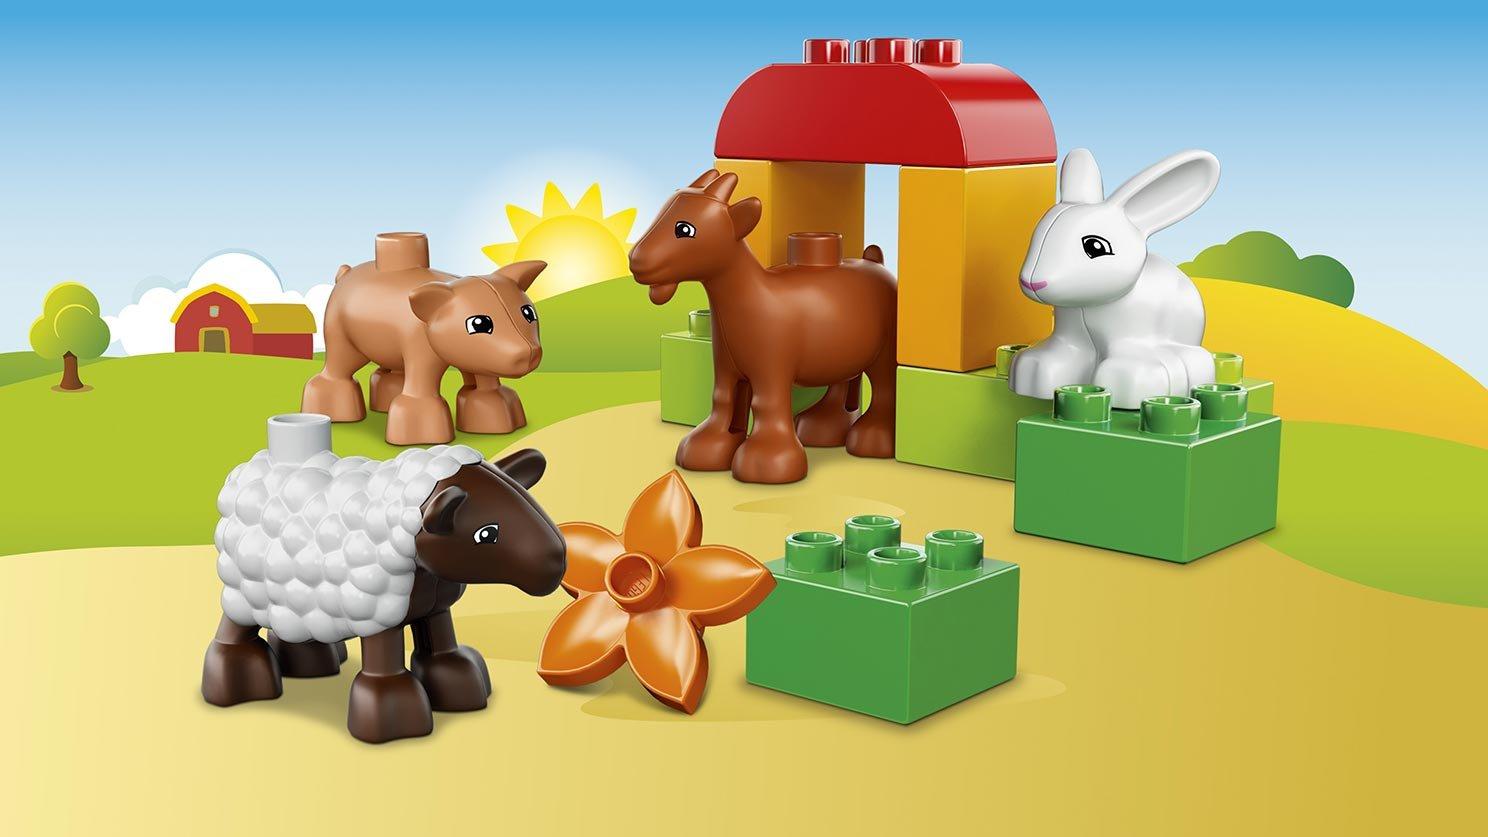 Lego 10522 Duplo Zwierzęta Na Farmie Zklockówpl